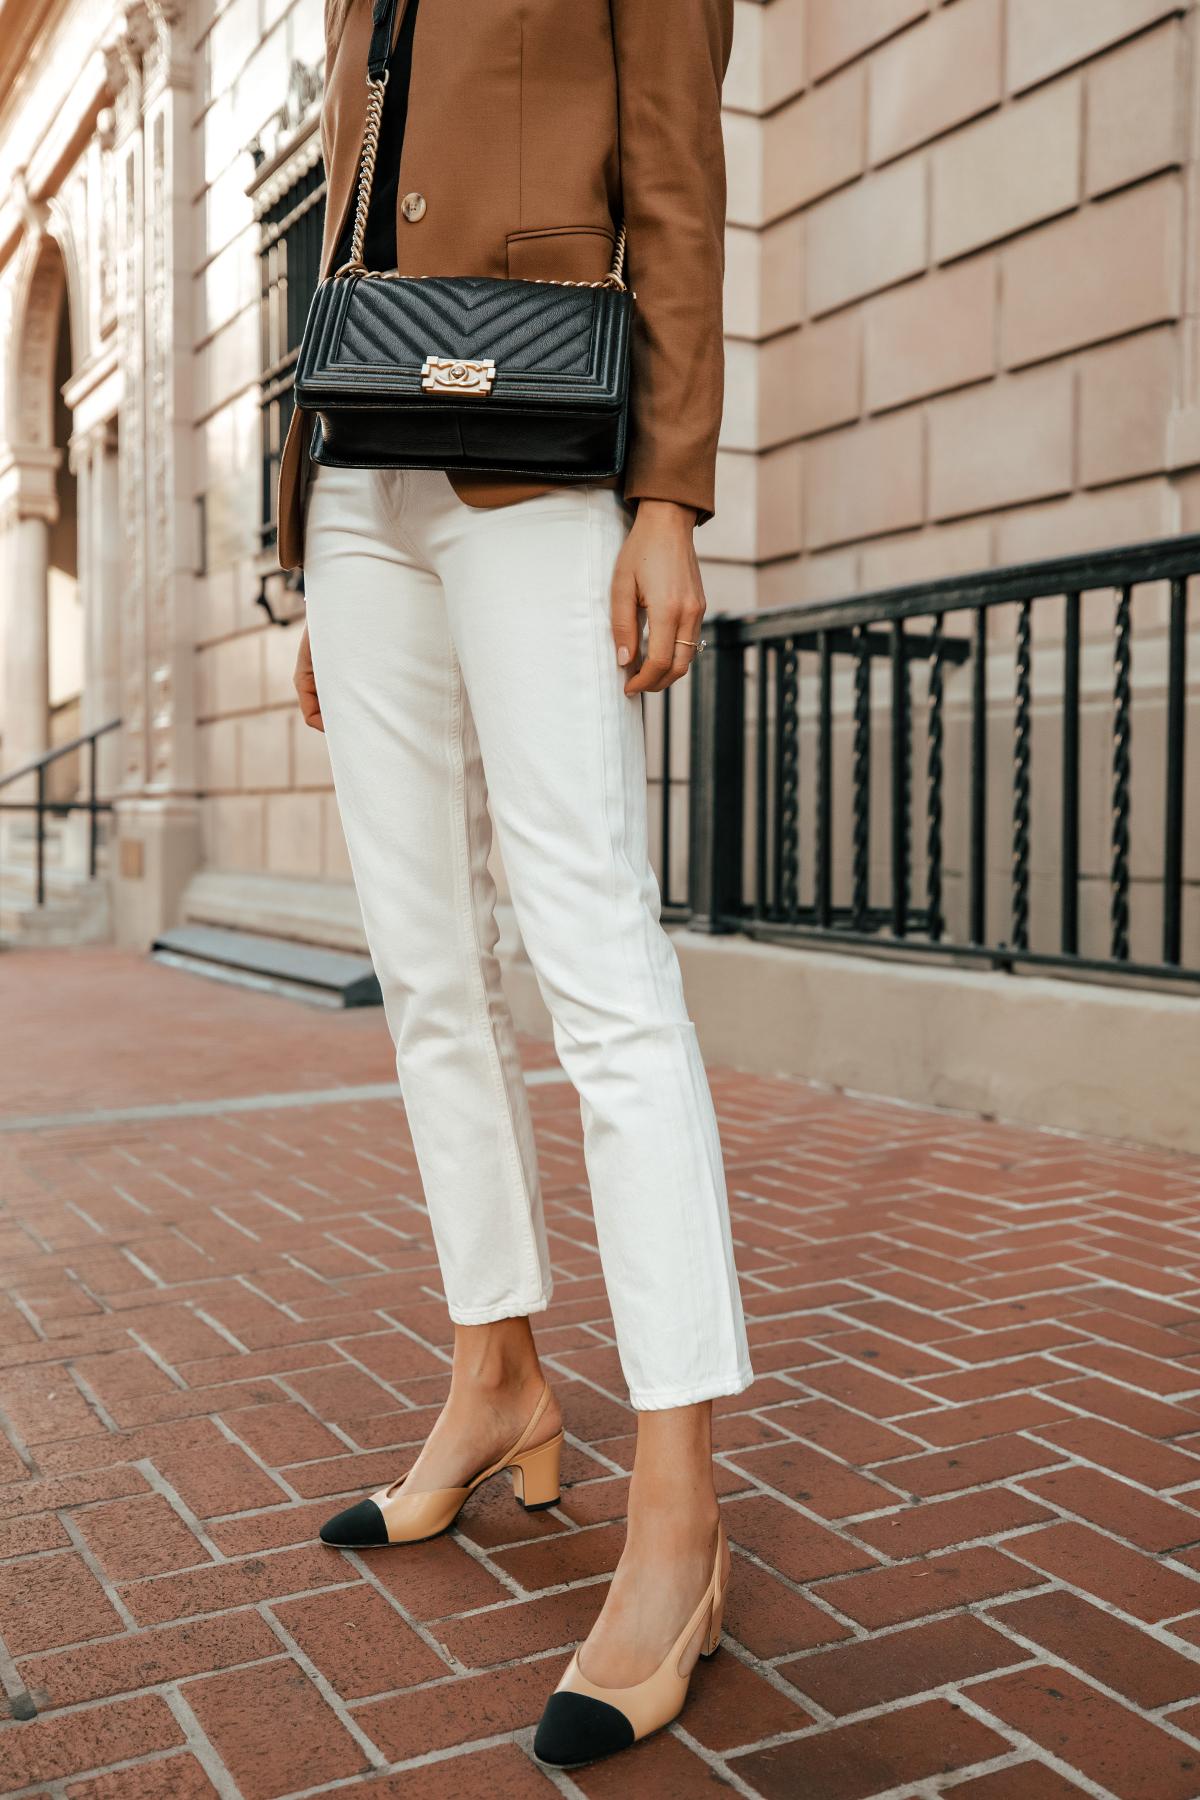 Fashion Jackson Wearing Jcrew Camel Blazer White Jeans Chanel Slingbacks Chanel Black Boy Bag 1